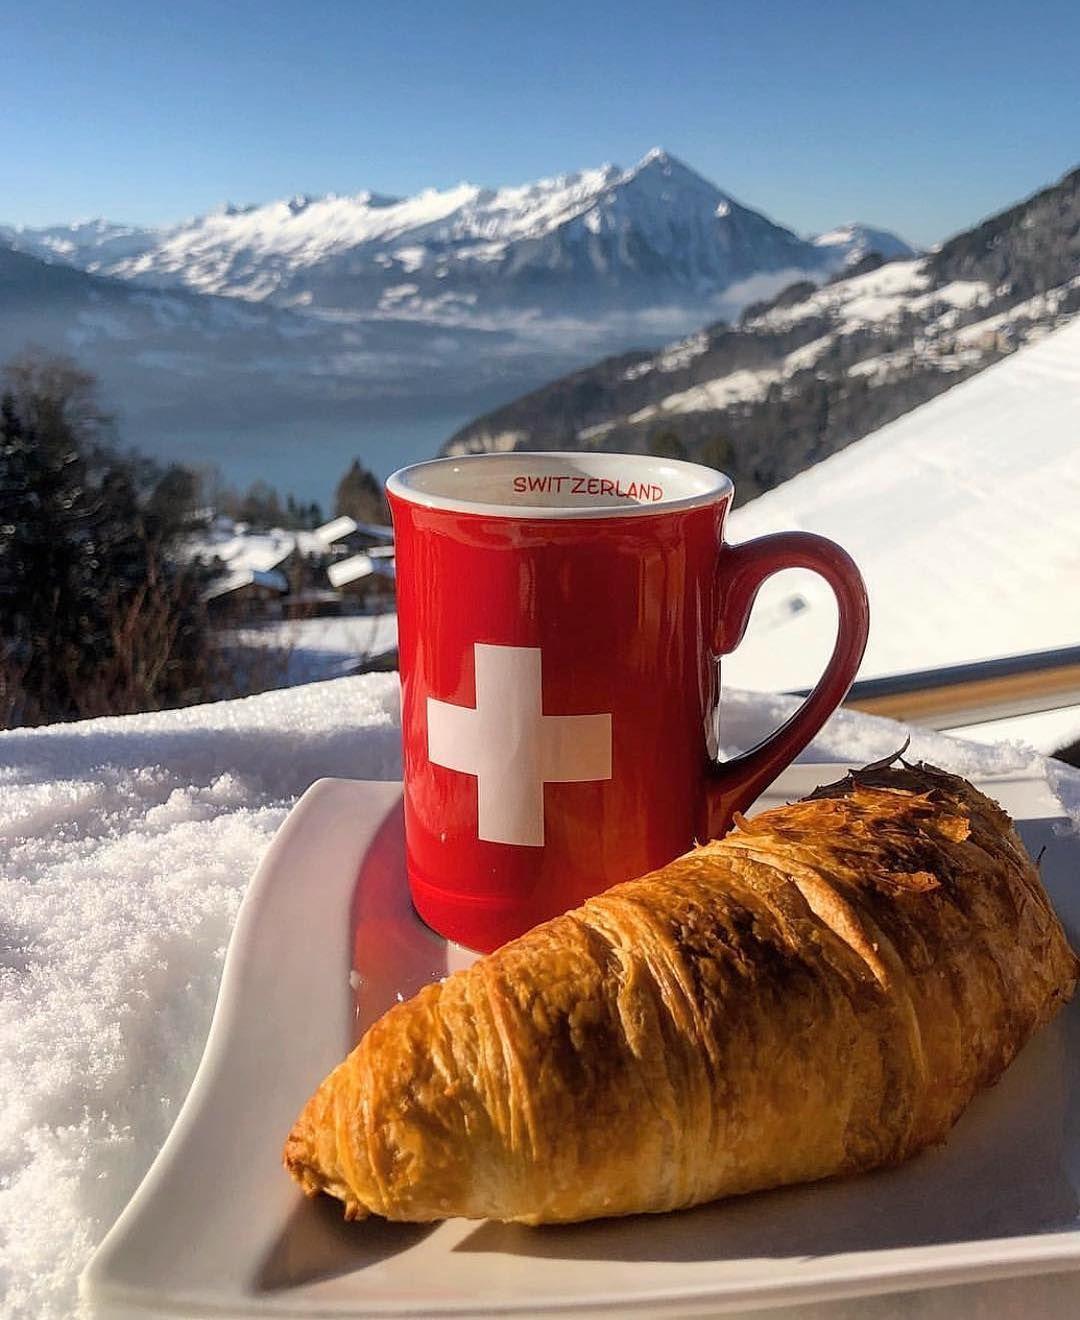 Petit Dejeuner Avec Cette Superbe Vue En Suisse Swissmountainview Haveagoodday Goodmorning Switzerland Su Good Morning World Switzerland Easy Breakfast